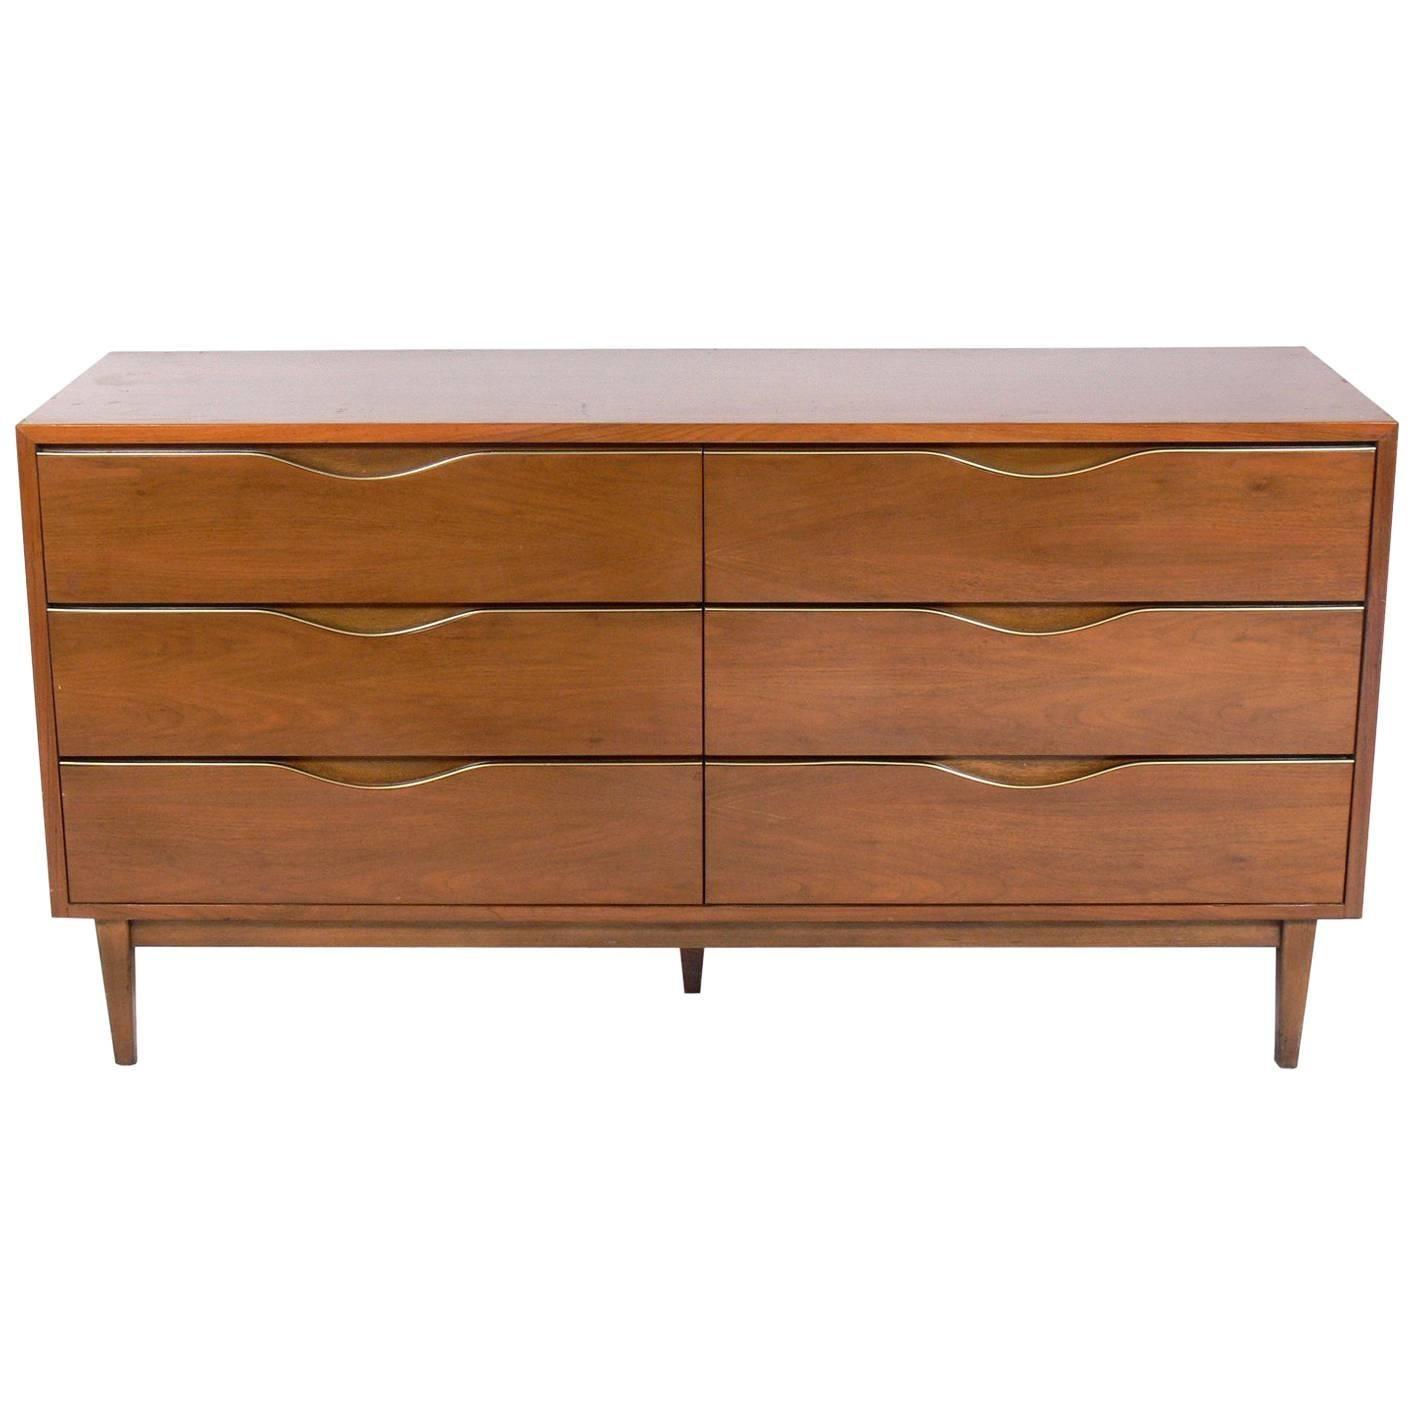 Midcentury Walnut Chest or Dresser with Brass Trim